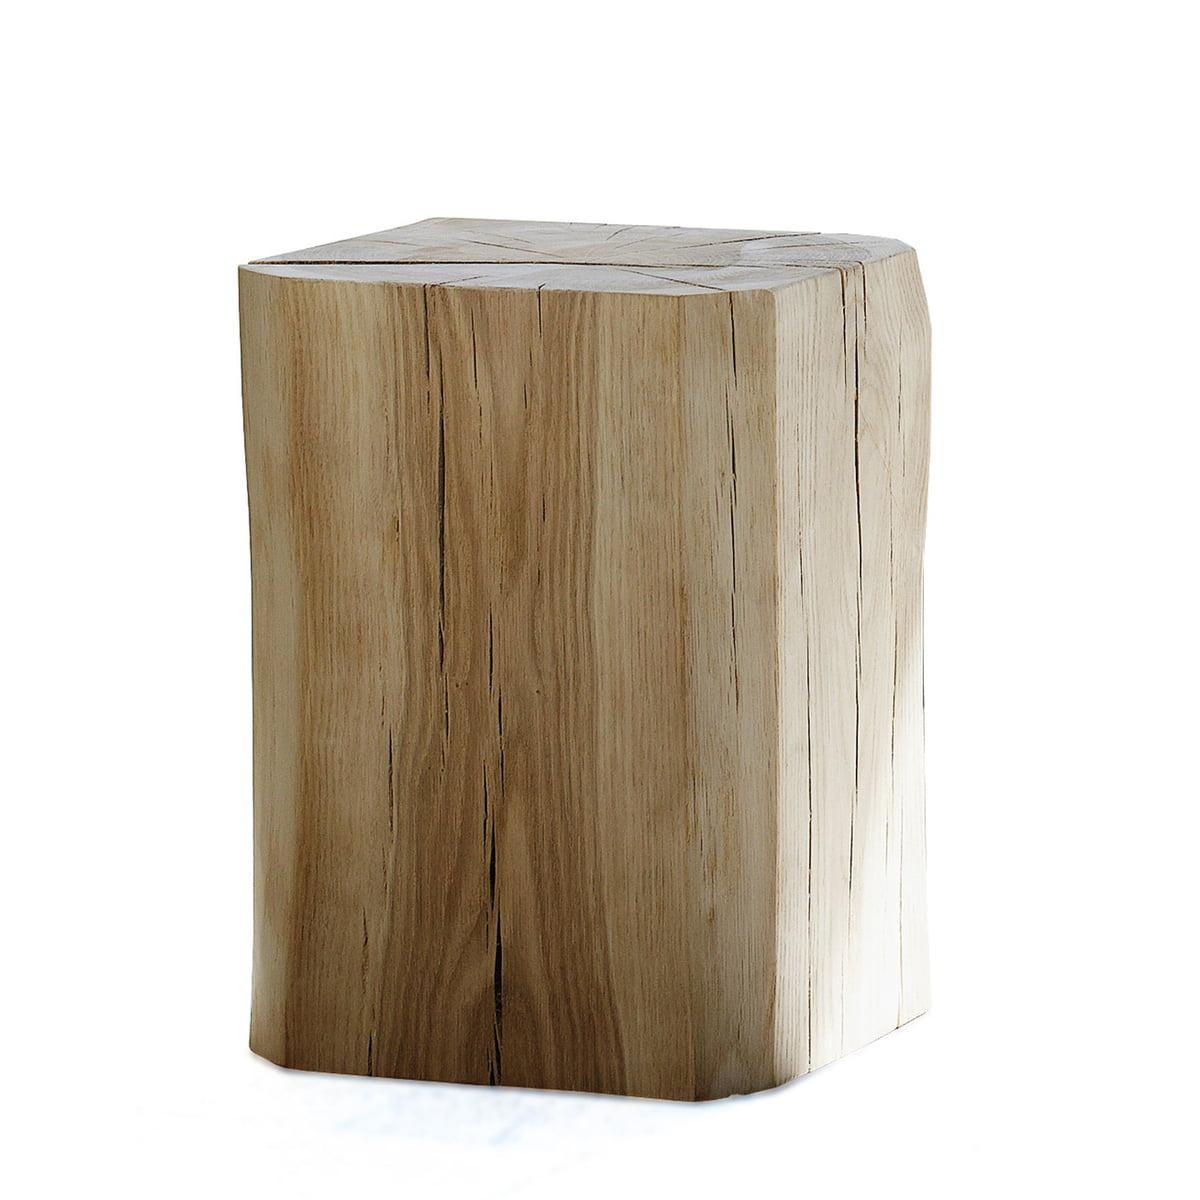 Block Hocker quadratisch 45 x 45 x 46 cm, Eiche